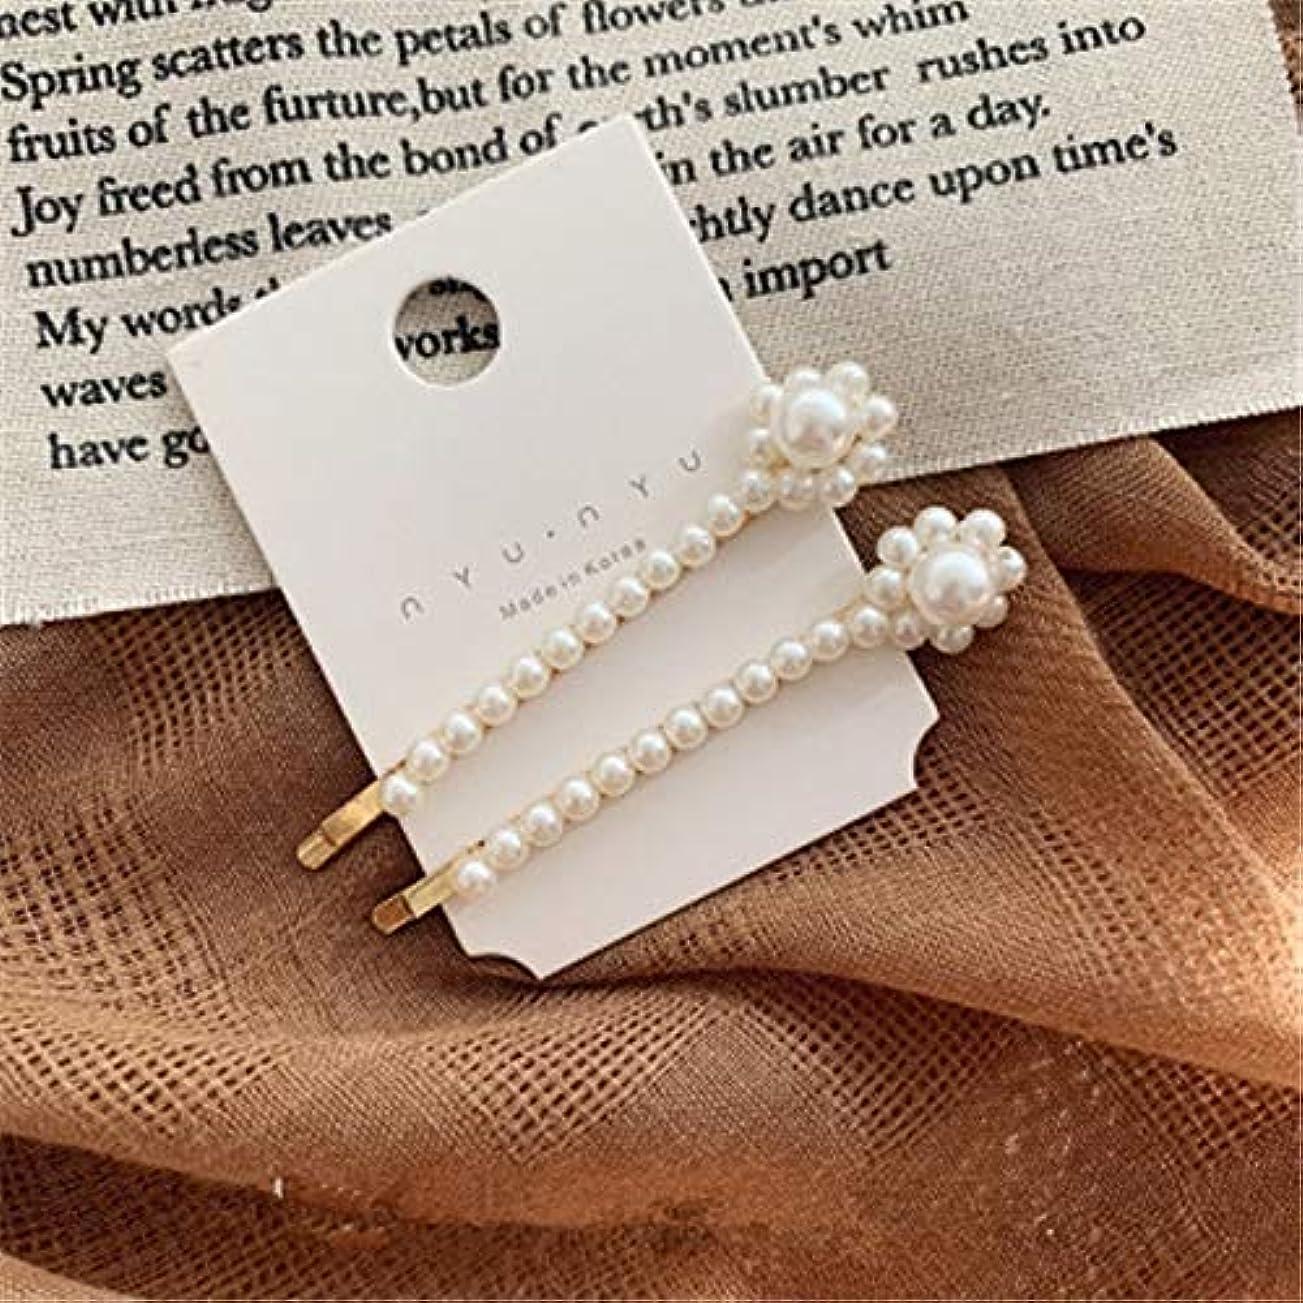 更新マークされたトリプルフラワーヘアピンFlowerHairpin Yhm模造真珠の花ヘアピンヴィンテージロングバレットヘアクリップクリスタルメタルヘアアクセサリーヘアグリップ (色 : Color12)